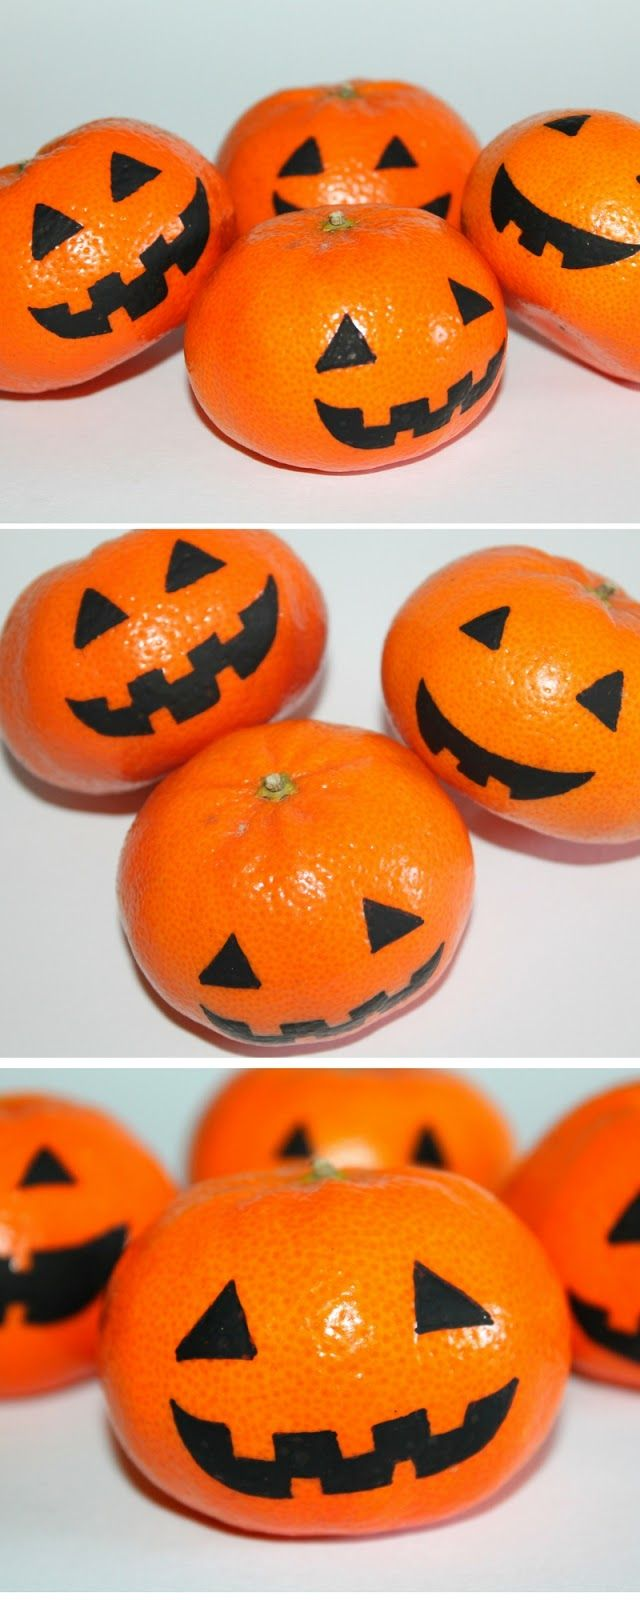 Für die Halloweenparty: DIY gruselige Halloween Mandarinen ...